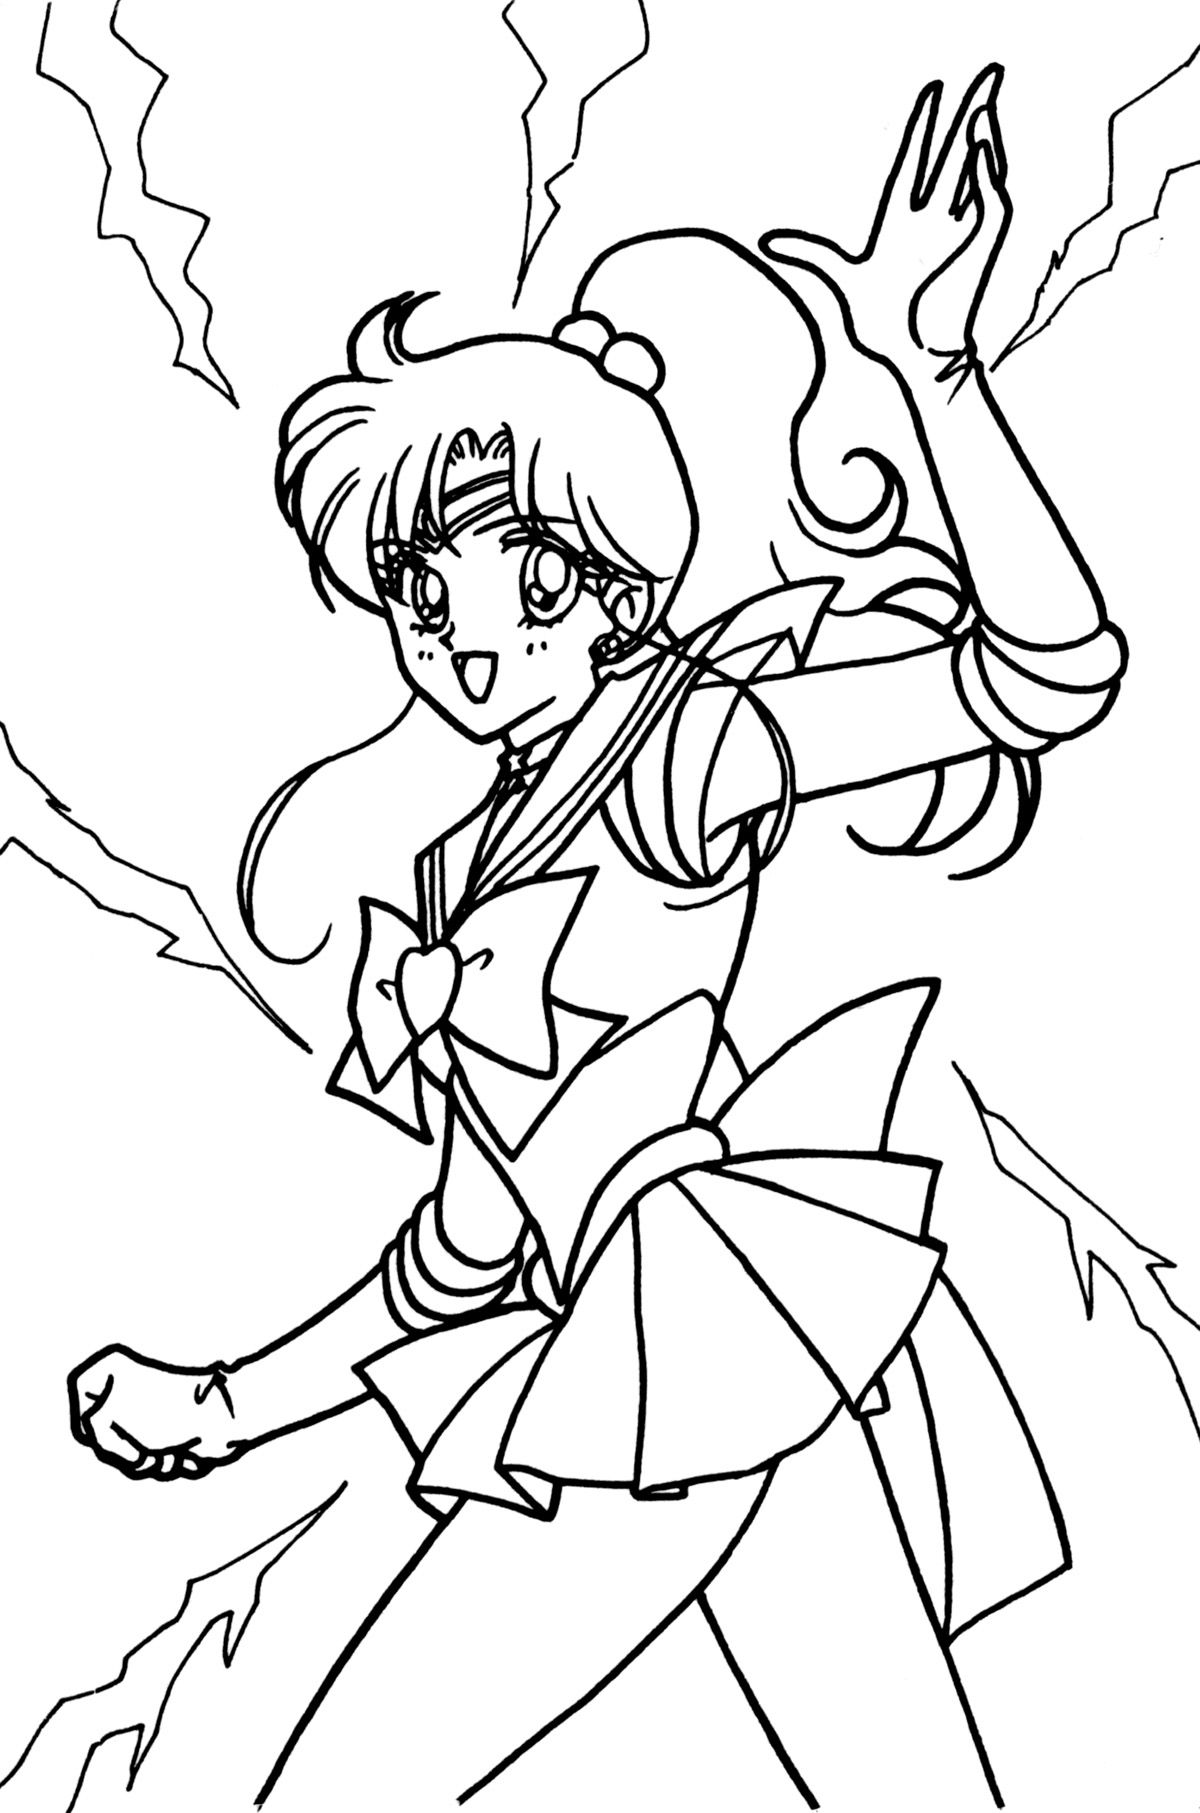 Jupiter027 Jpg 1200 1813 Sailor Moon Coloring Pages Sailor Moon Crafts Sailor Moon Wallpaper